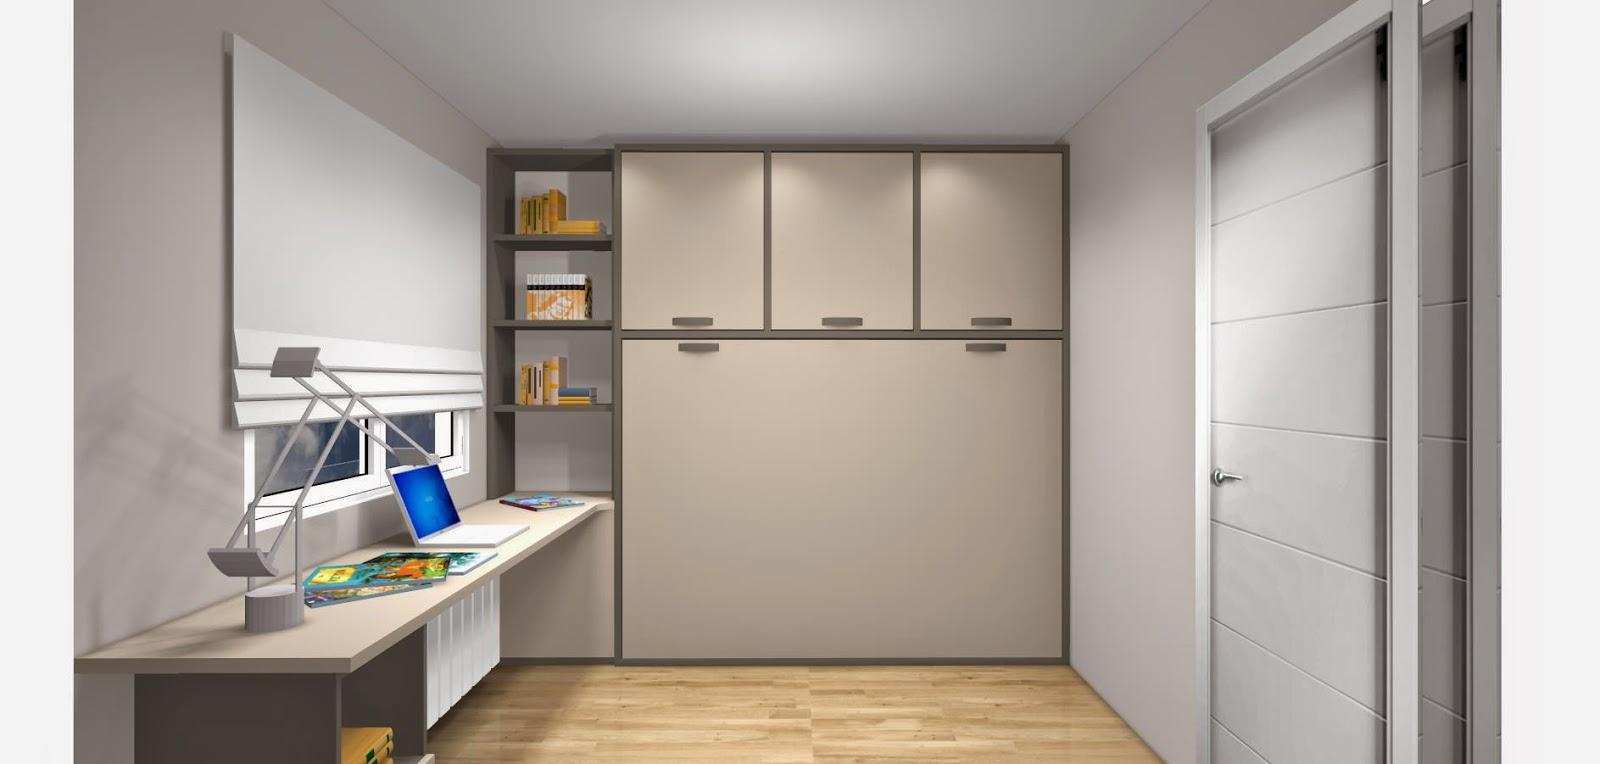 Disear dormitorio affordable dormitorio juvenil infantil - Dormitorios juveniles pamplona ...